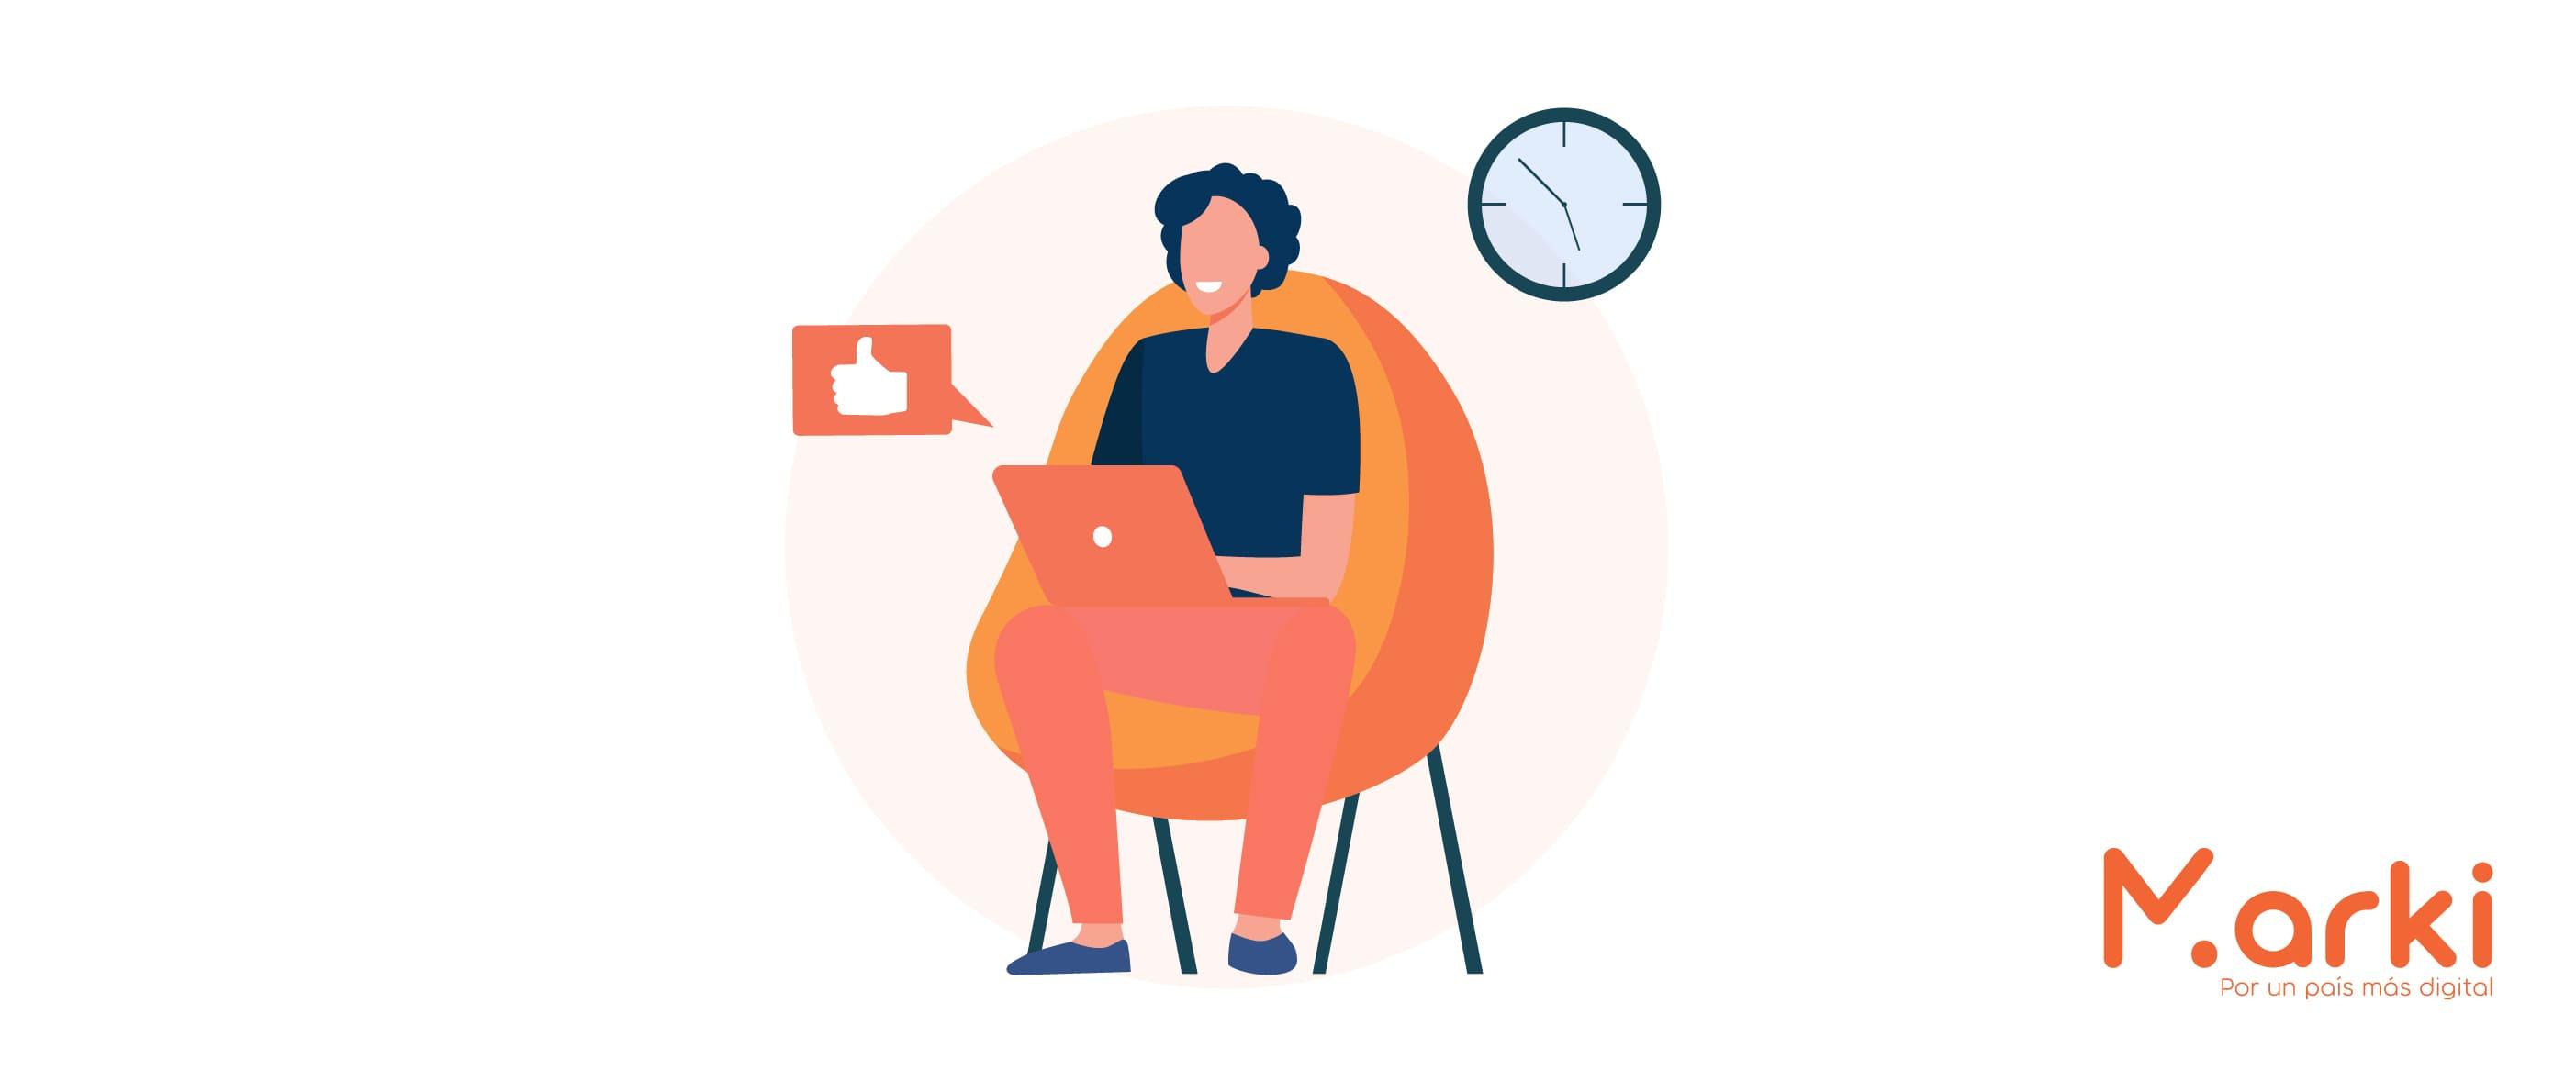 joven en laptop analítica de redes sociales metricas de redes sociales gestor de redes sociales gratis herramientas para redes sociales gratuitas habilidades digitales asesorías de marketing digital Desarrollo de habilidades digitales voluntarios universitarios voluntariado peru Voluntariado online capacitacion de marketing digital voluntariado marki